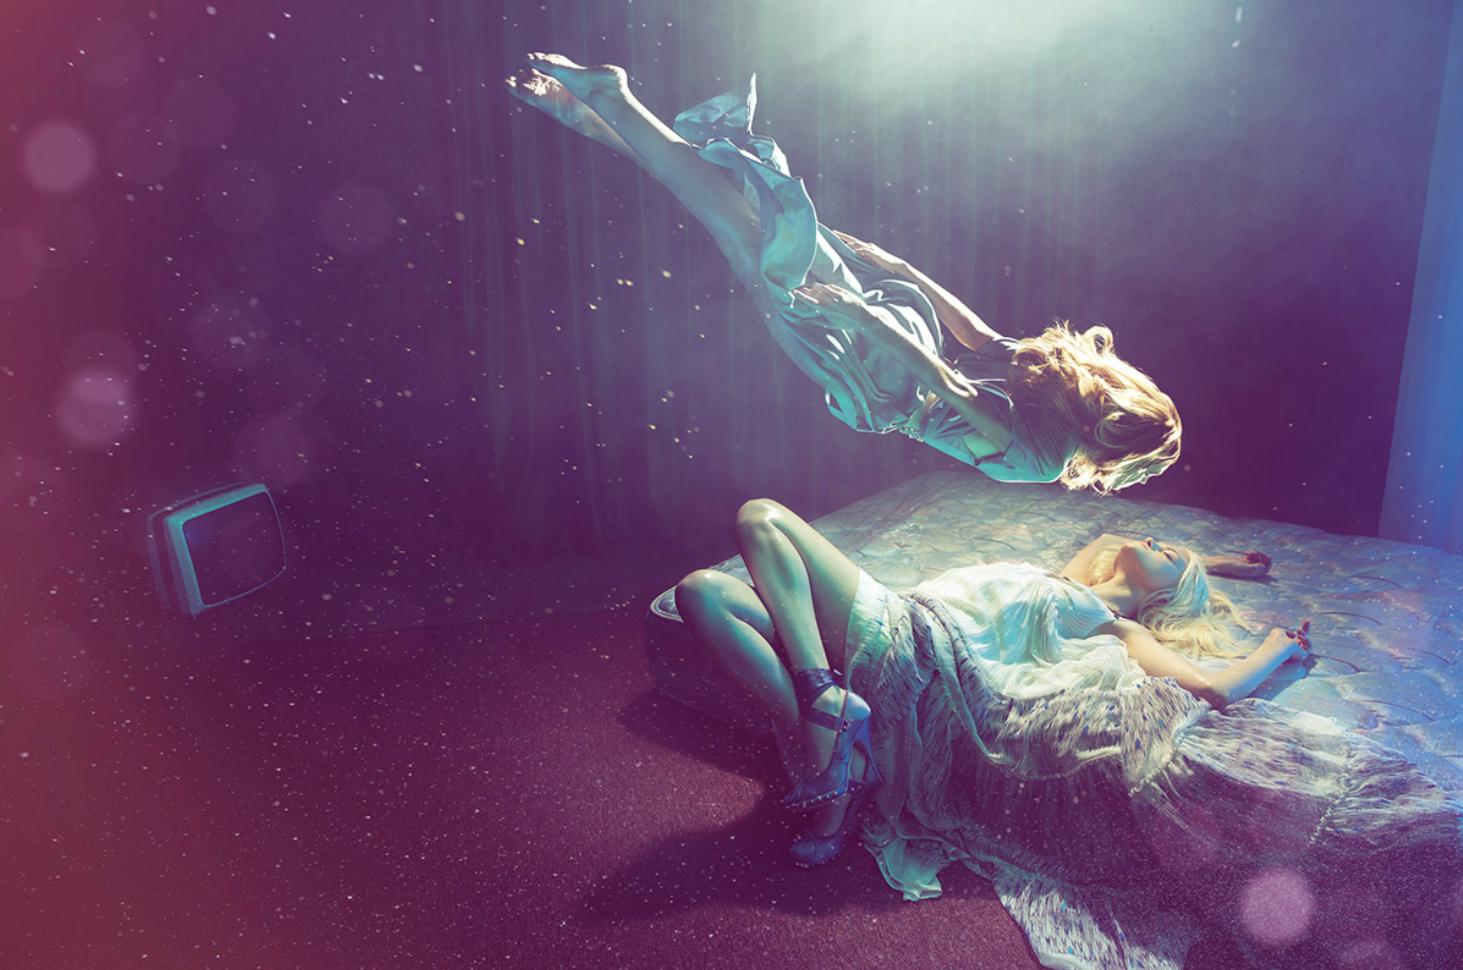 У наших снов есть множество предназначений, которые меняются на протяжении жизни